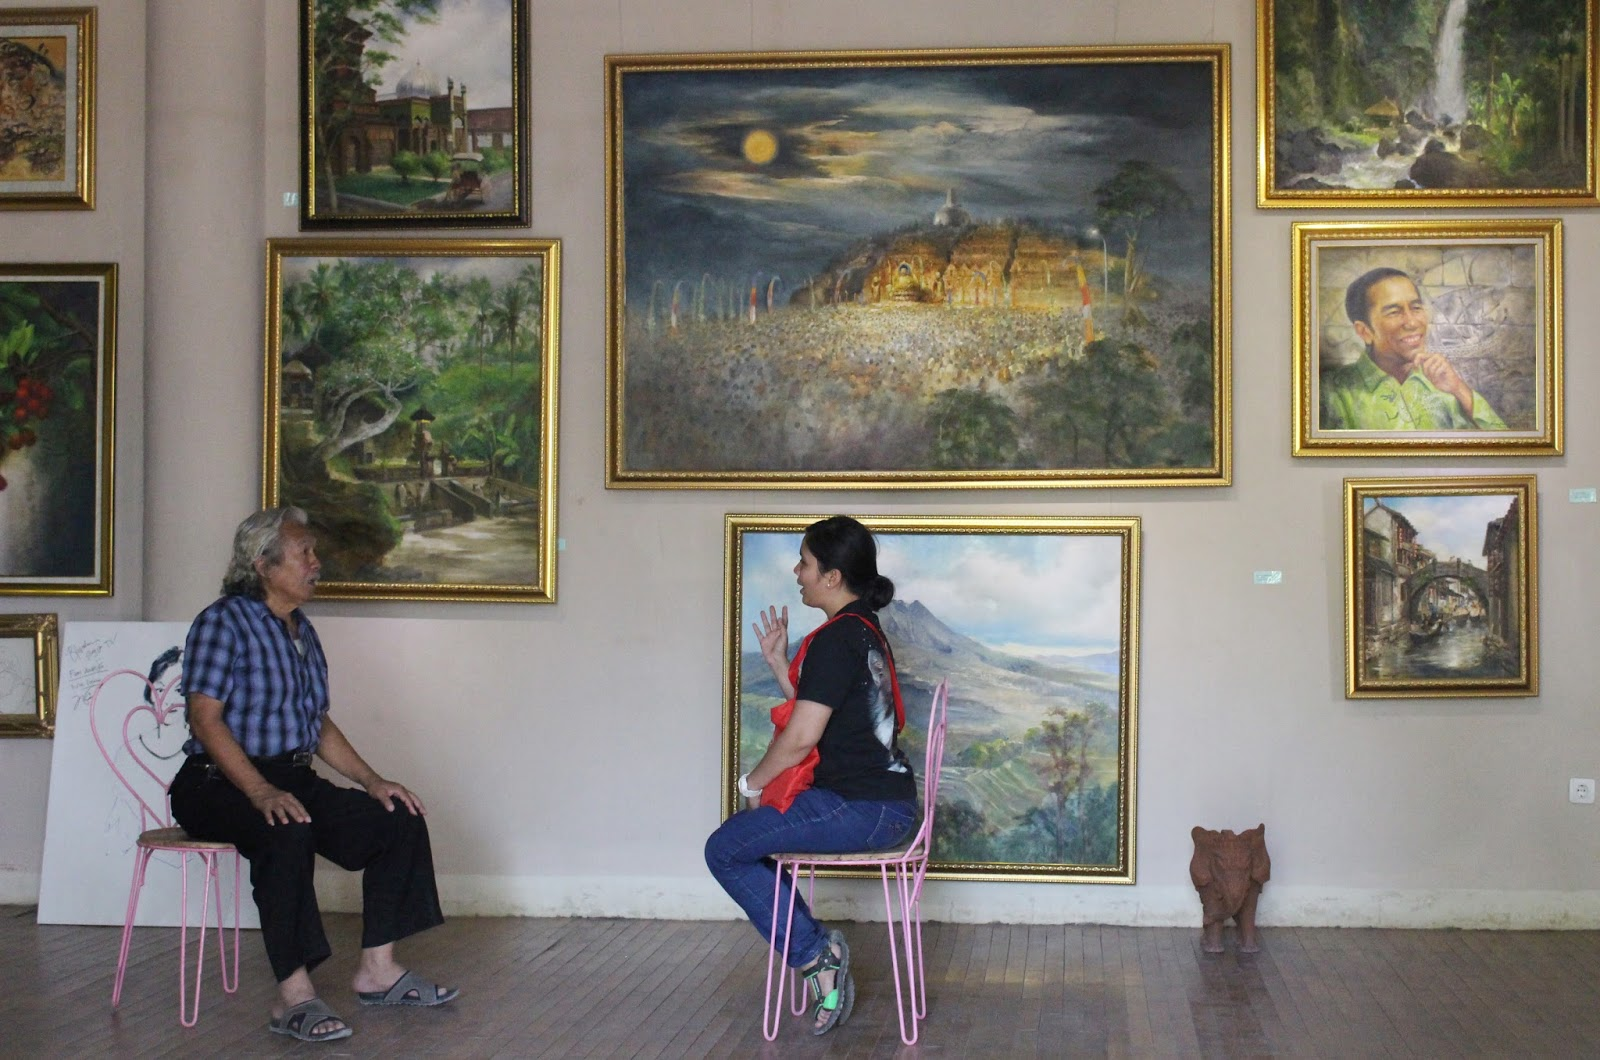 Camera House Borobudur Rumah Kamera Rooftop Kab Magelang